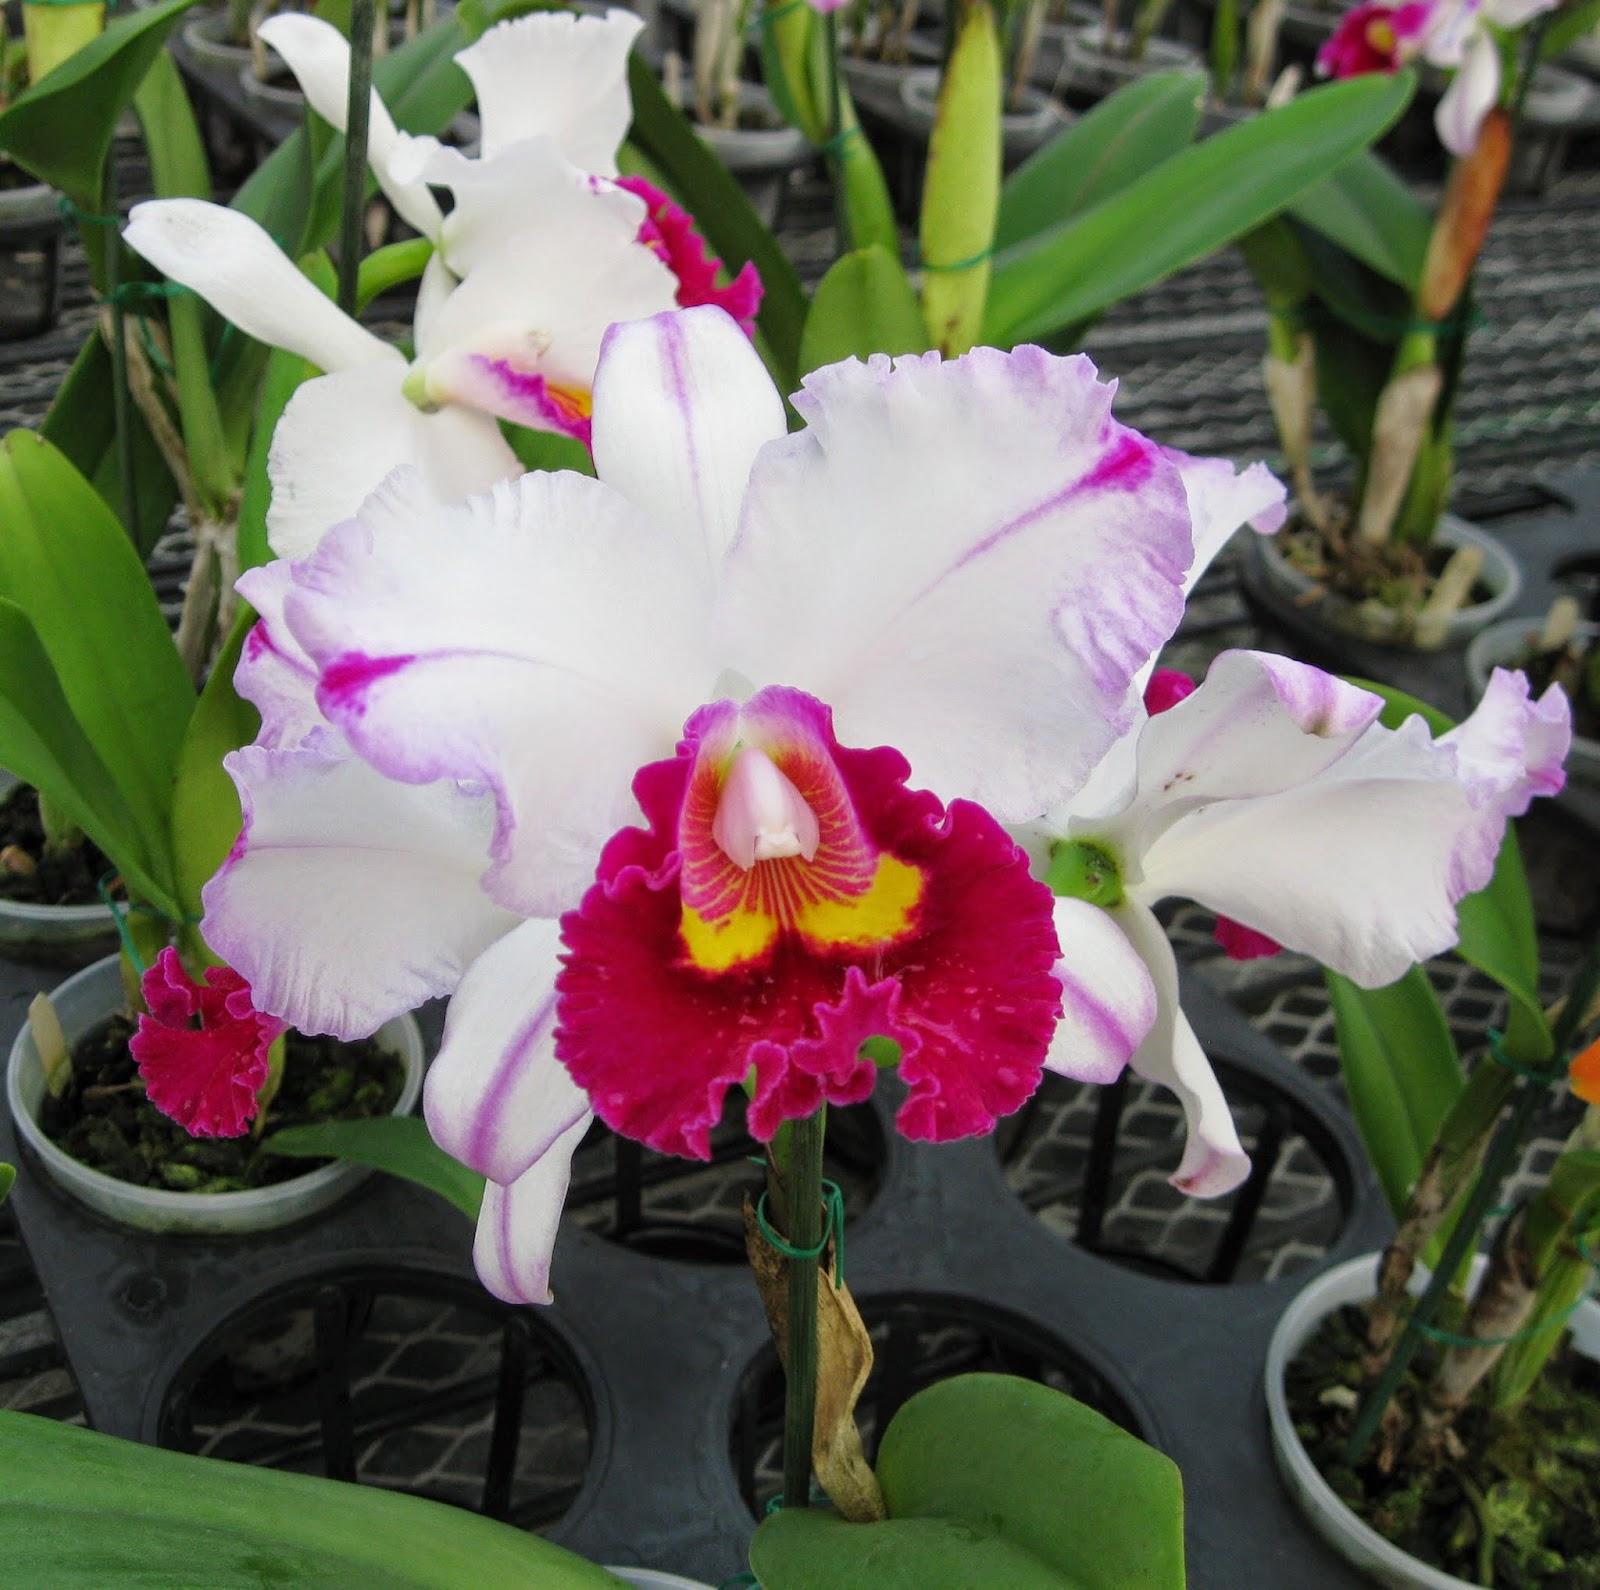 Rsc. Kuwale Gem M orchid flowers